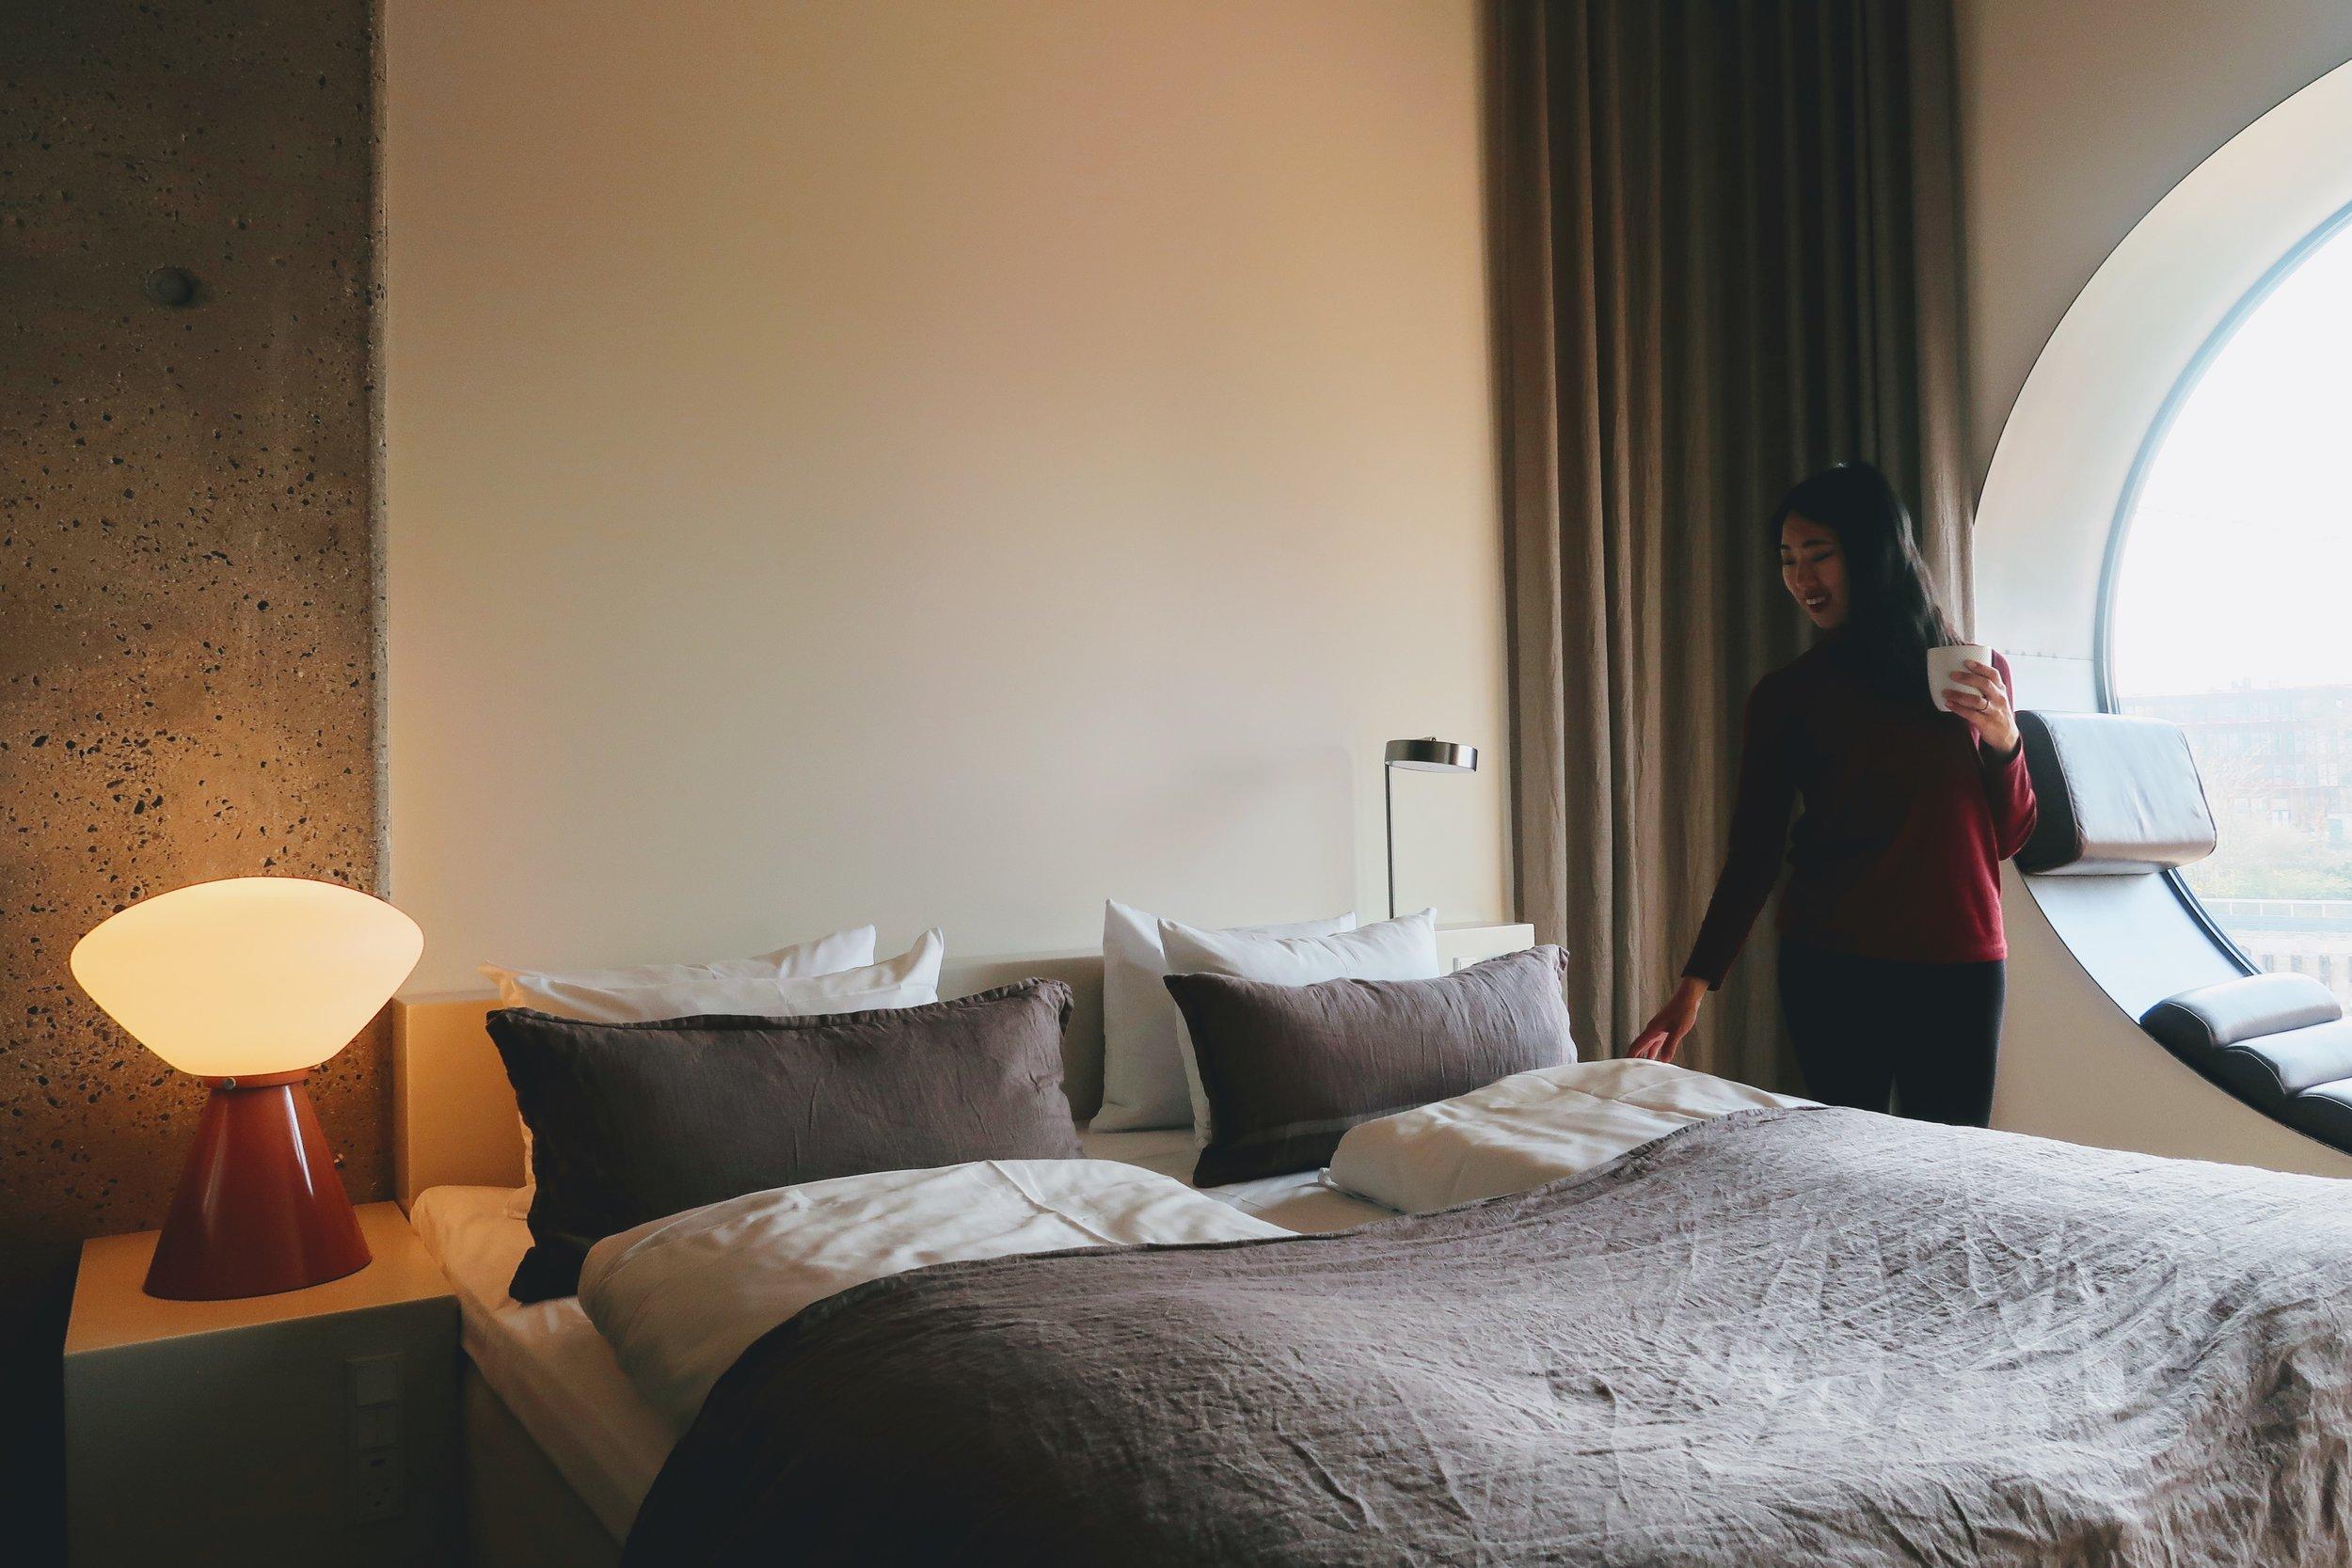 hotel-ottilia-double-bed